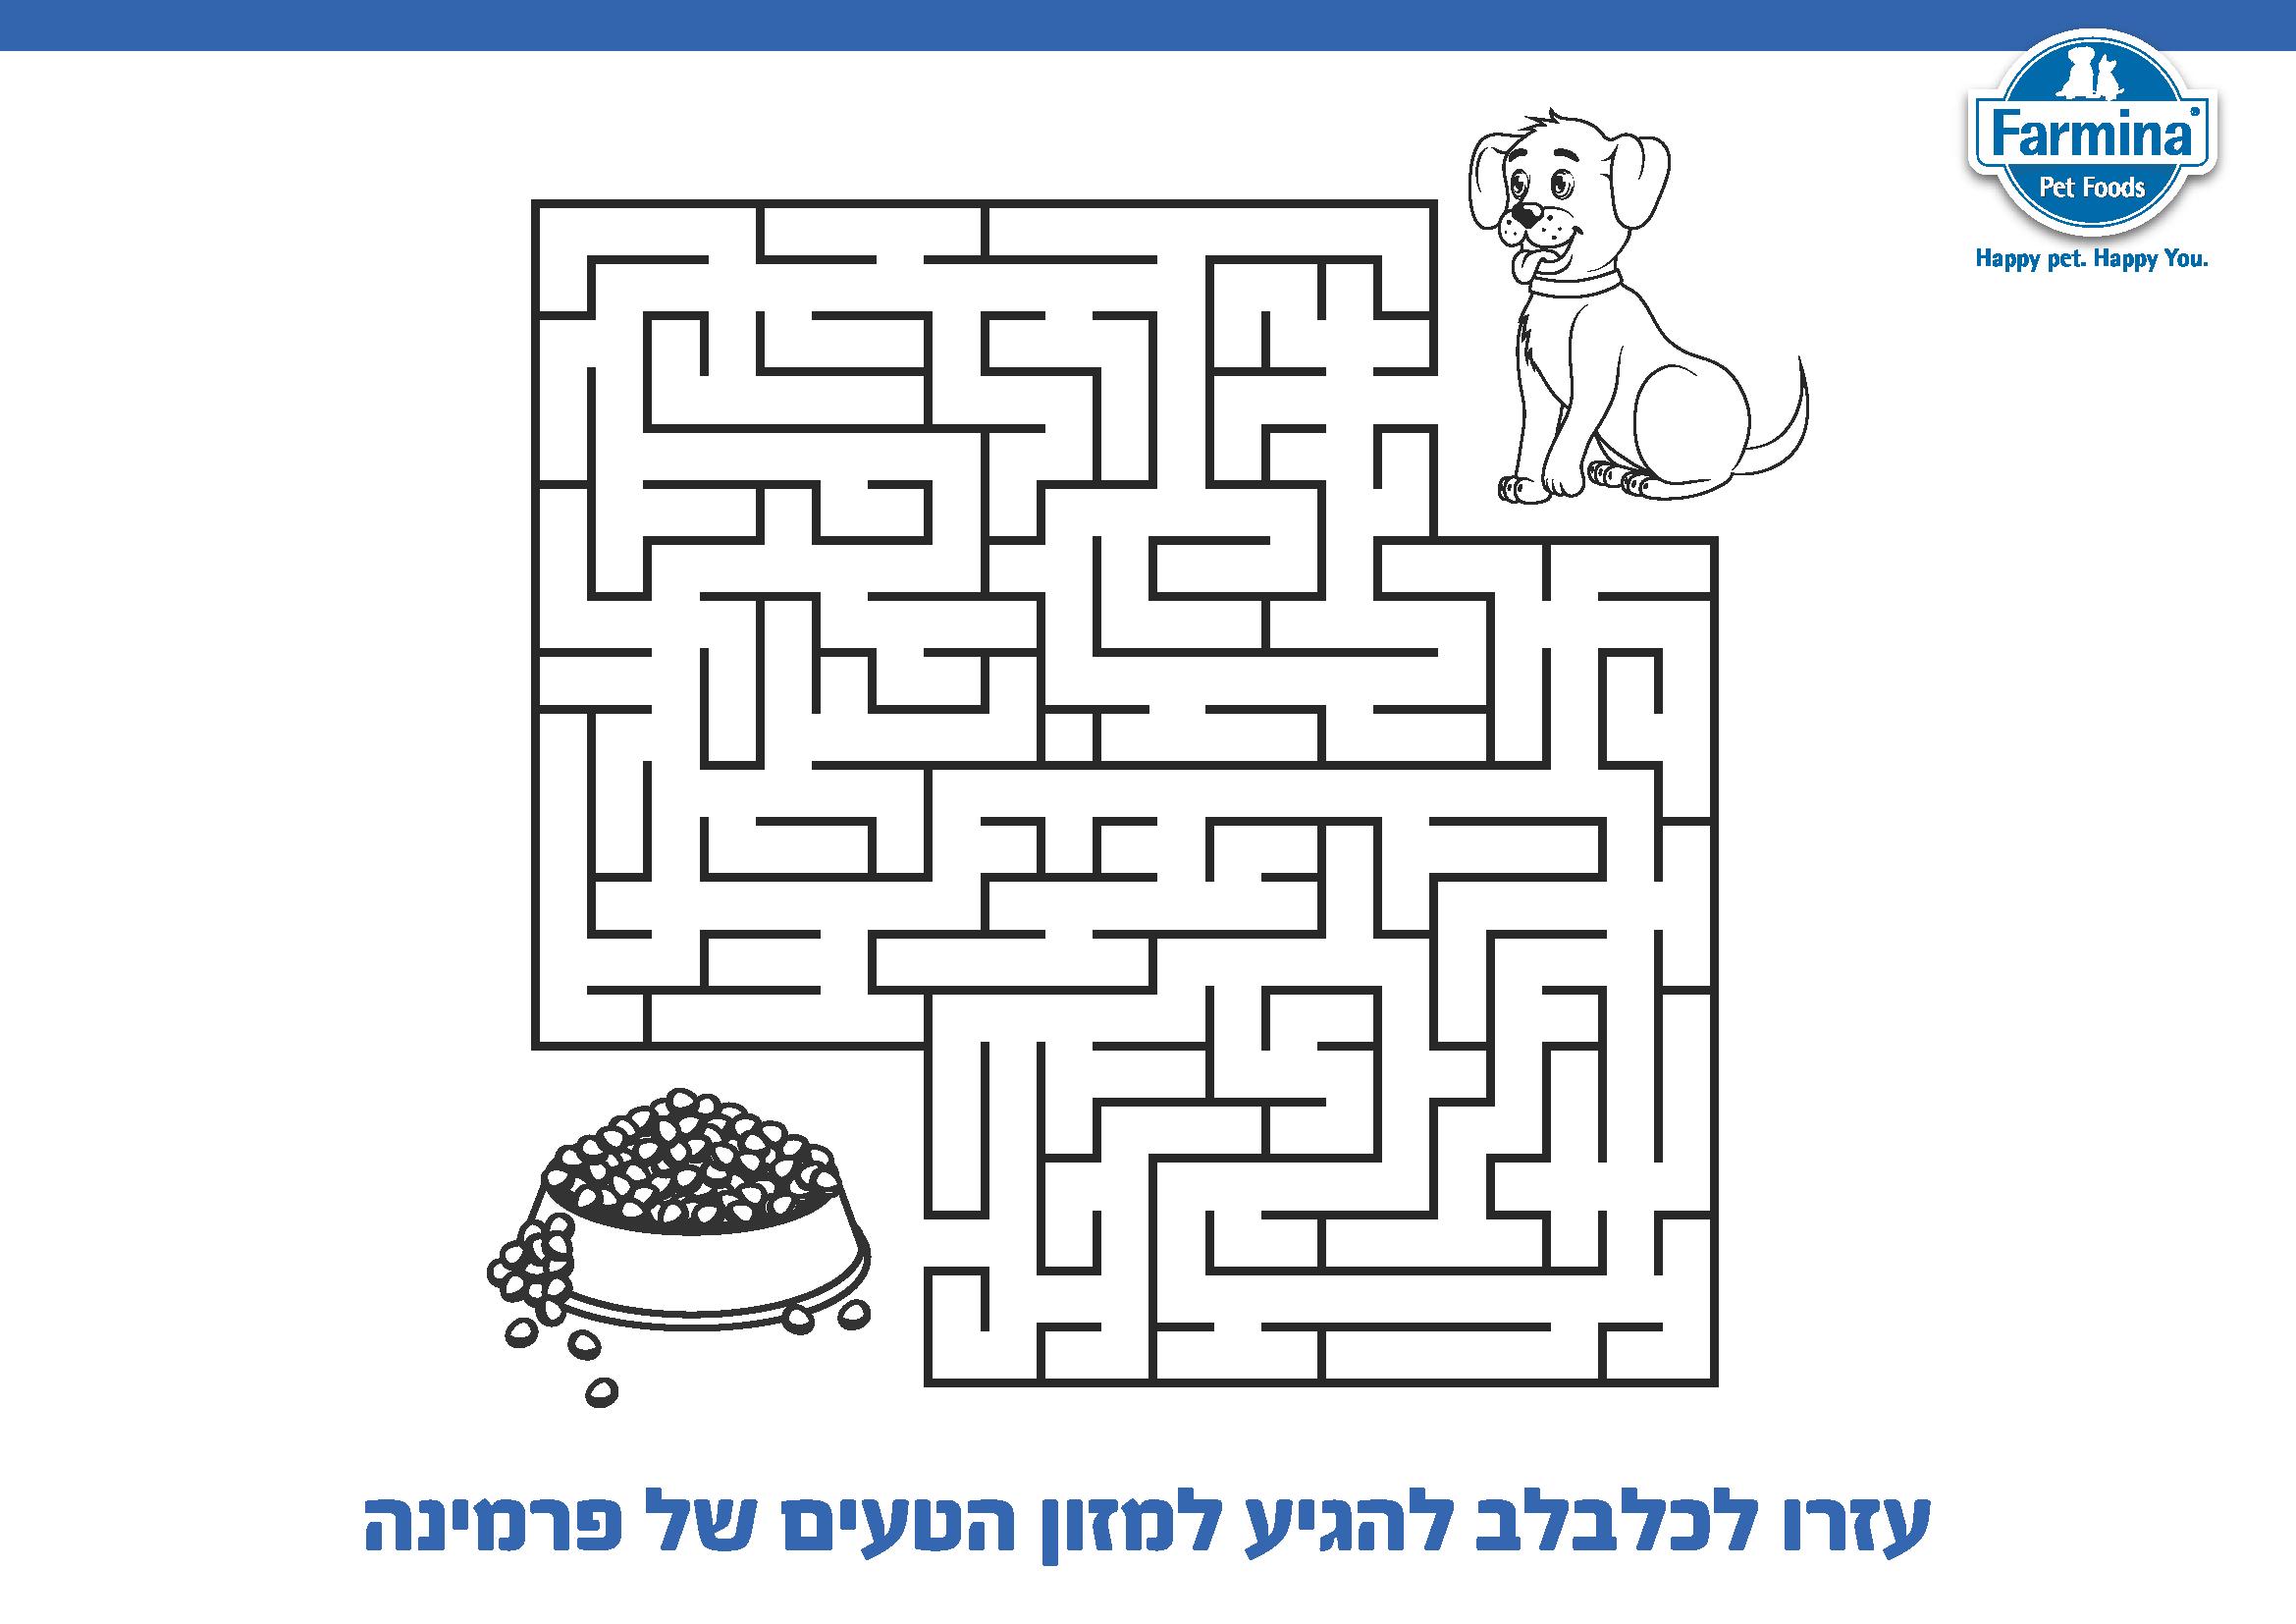 דף צביעה כלב וחתול לחנוכה